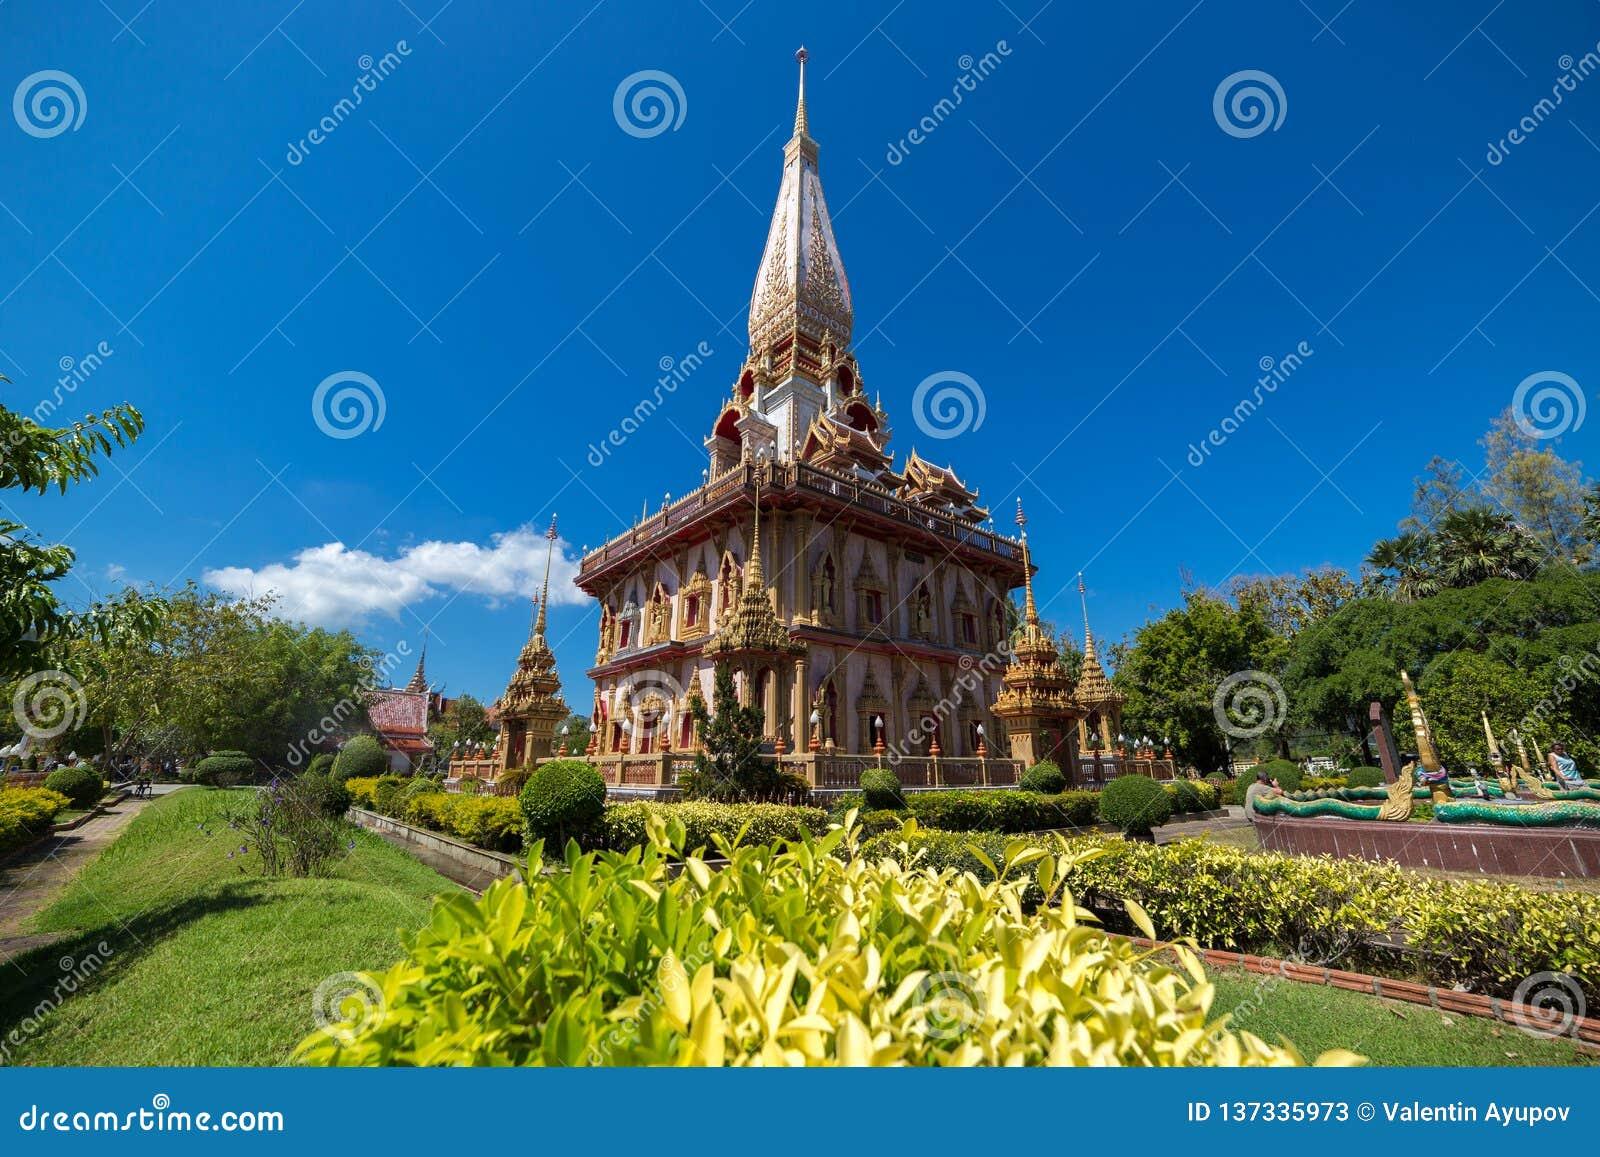 Il tempio di Wat Chalong Buddhist in Chalong, Phuket, Tailandia